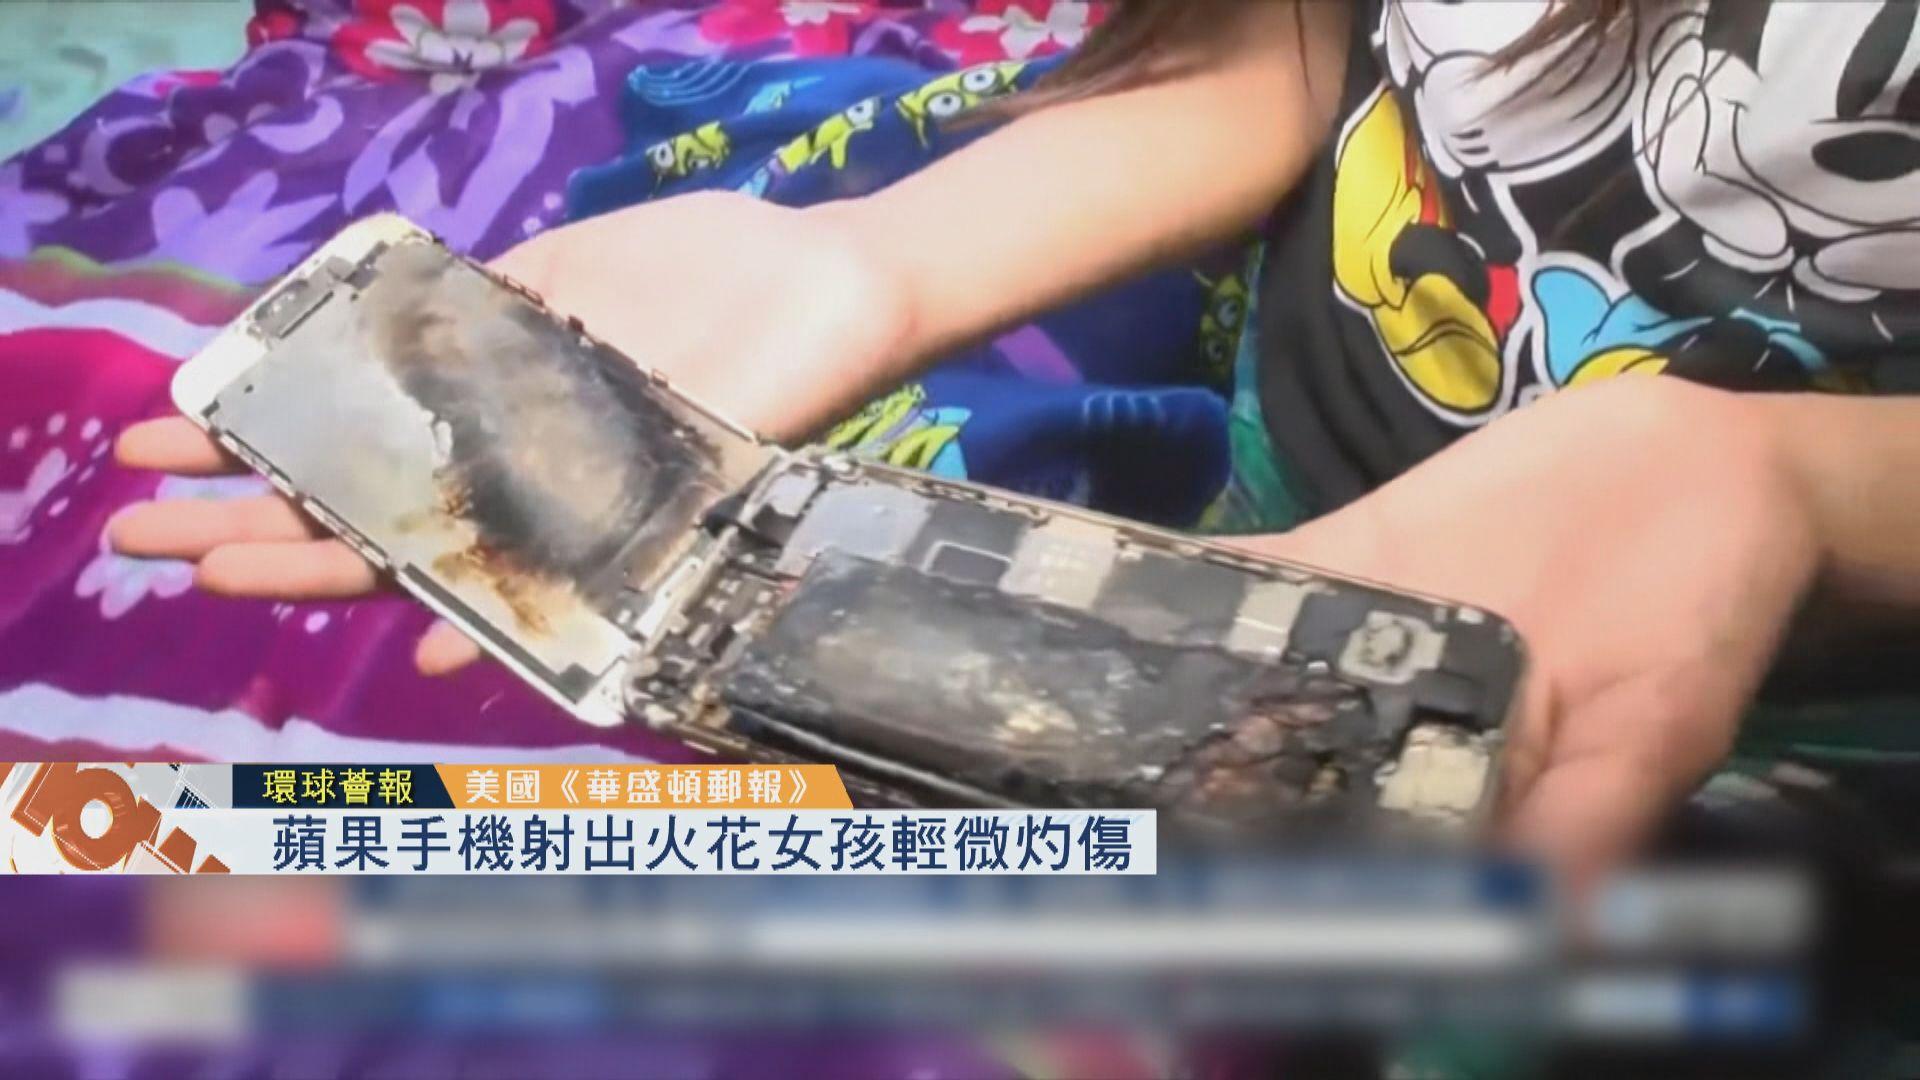 【環球薈報】蘋果手機射出火花女孩輕微灼傷